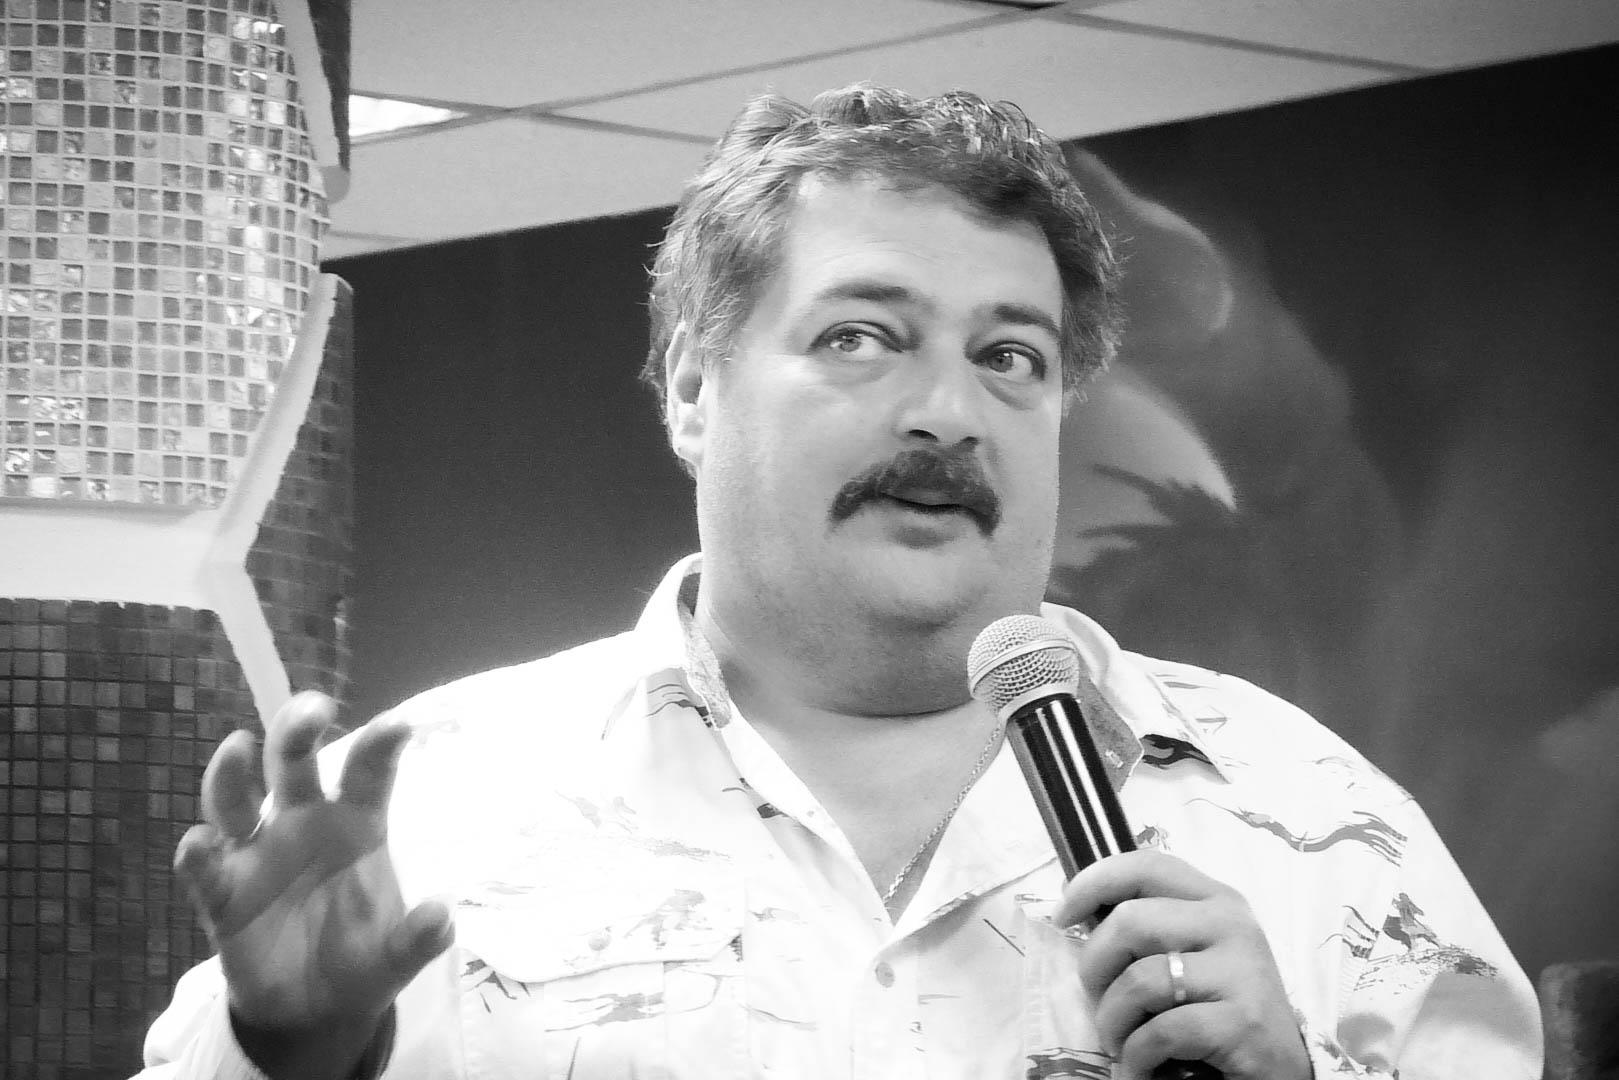 Писатель Дмитрий Быков экстренно госпитализирован